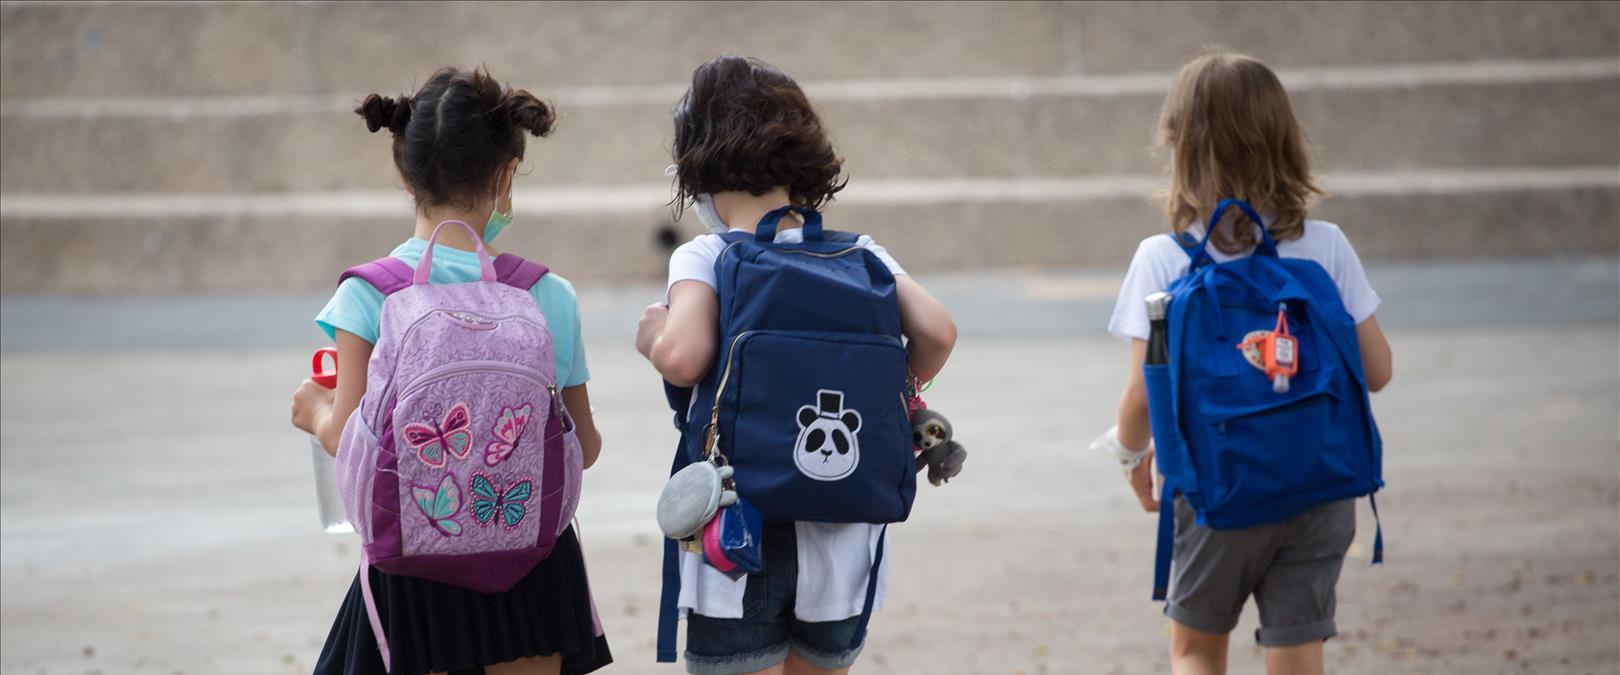 """תלמידות בדרכן לבית ספר בת""""א, בספטמבר"""